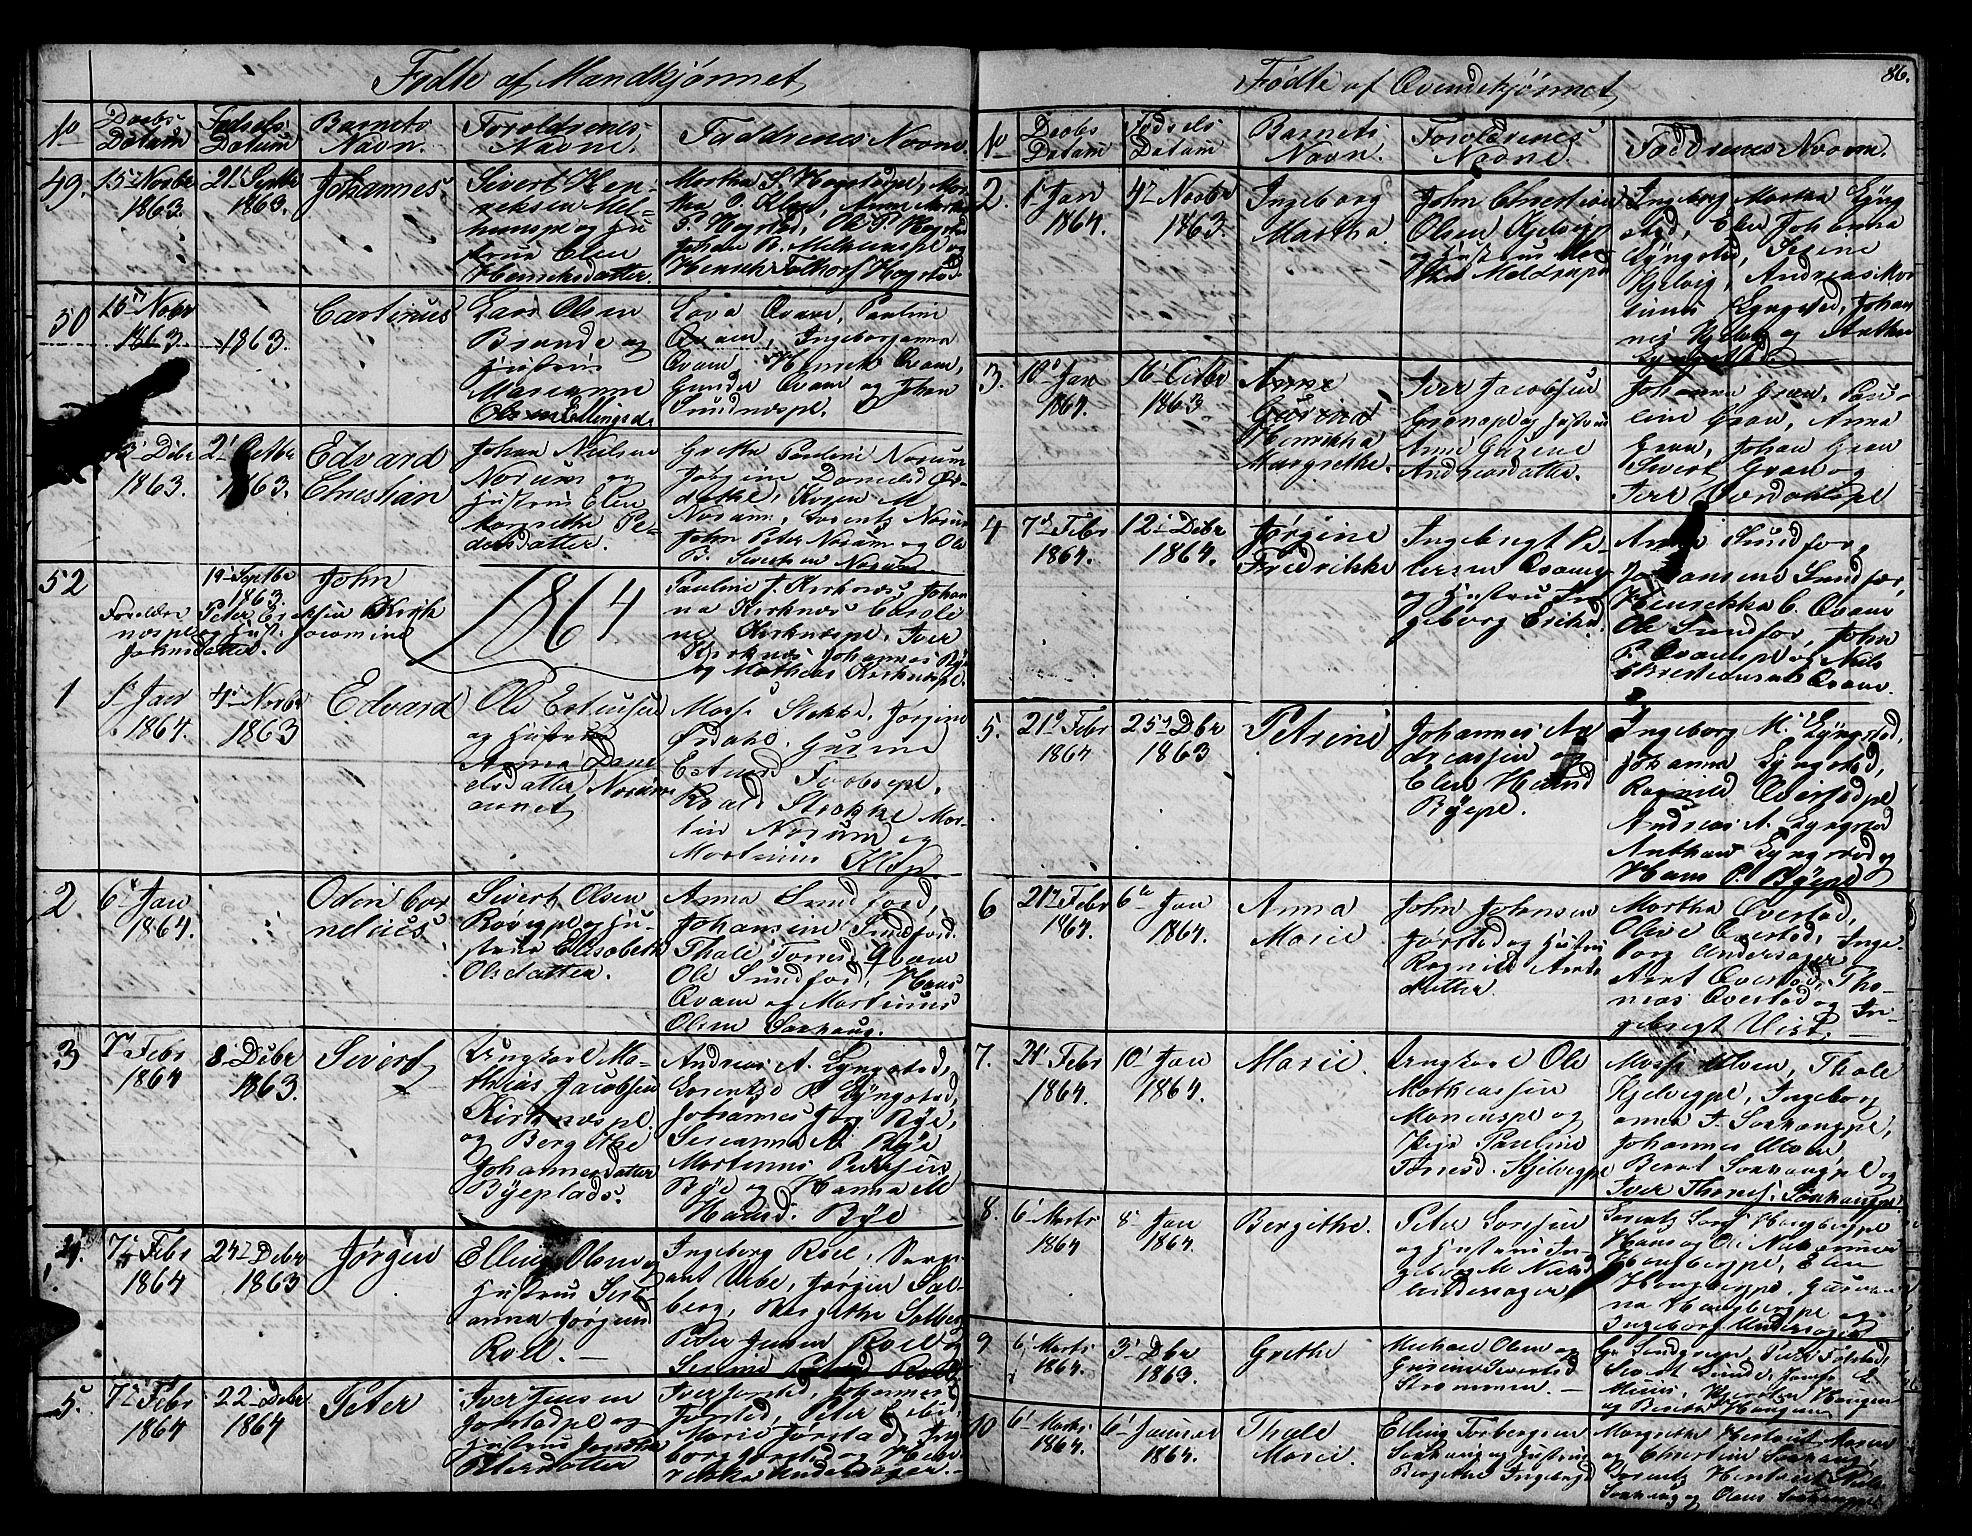 SAT, Ministerialprotokoller, klokkerbøker og fødselsregistre - Nord-Trøndelag, 730/L0299: Klokkerbok nr. 730C02, 1849-1871, s. 86